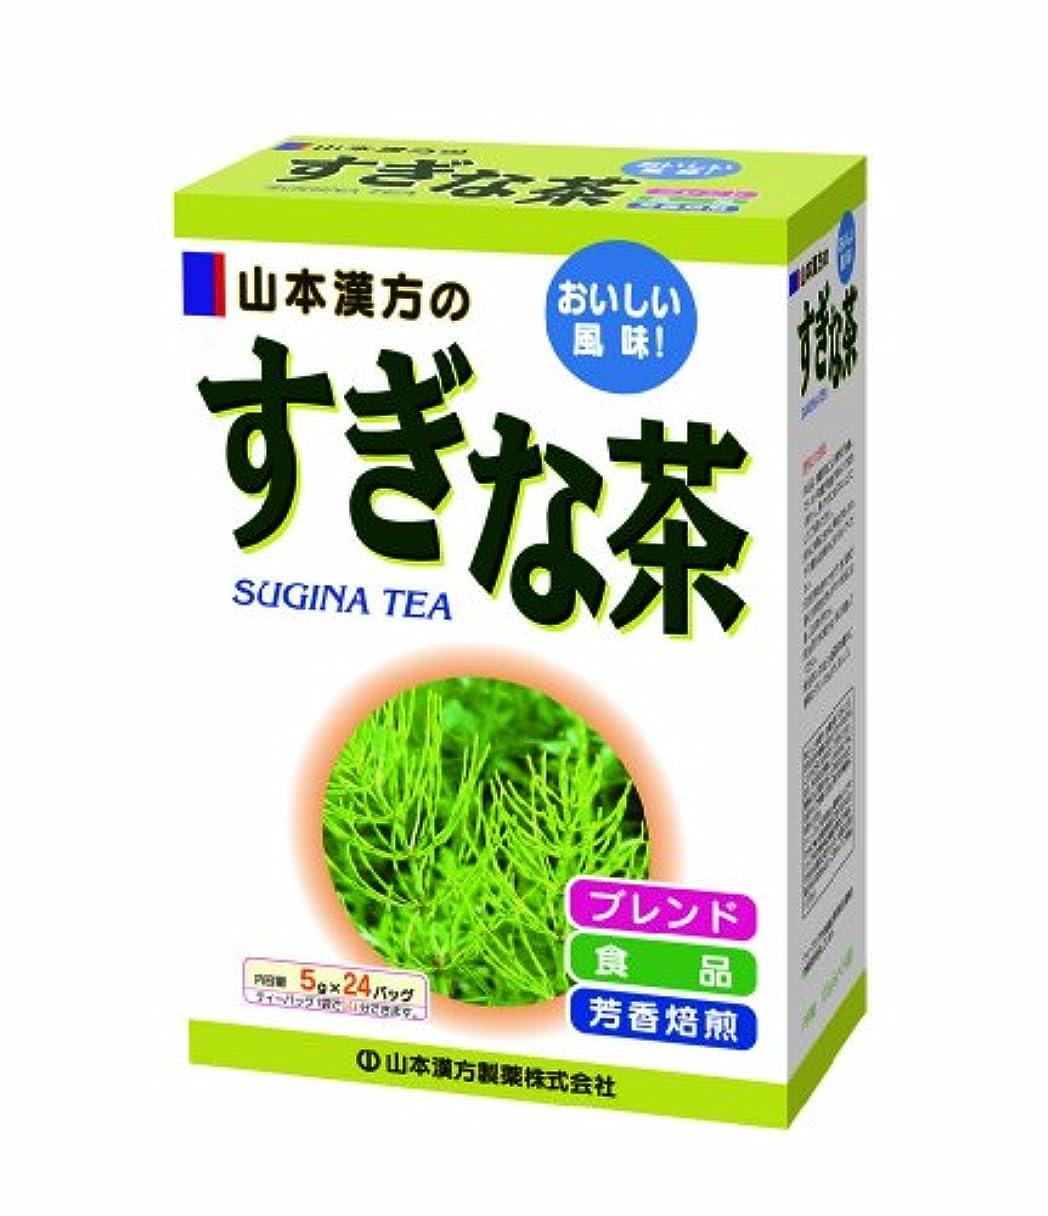 吸収するアーティスト模索山本漢方製薬 すぎな茶 5gX24H